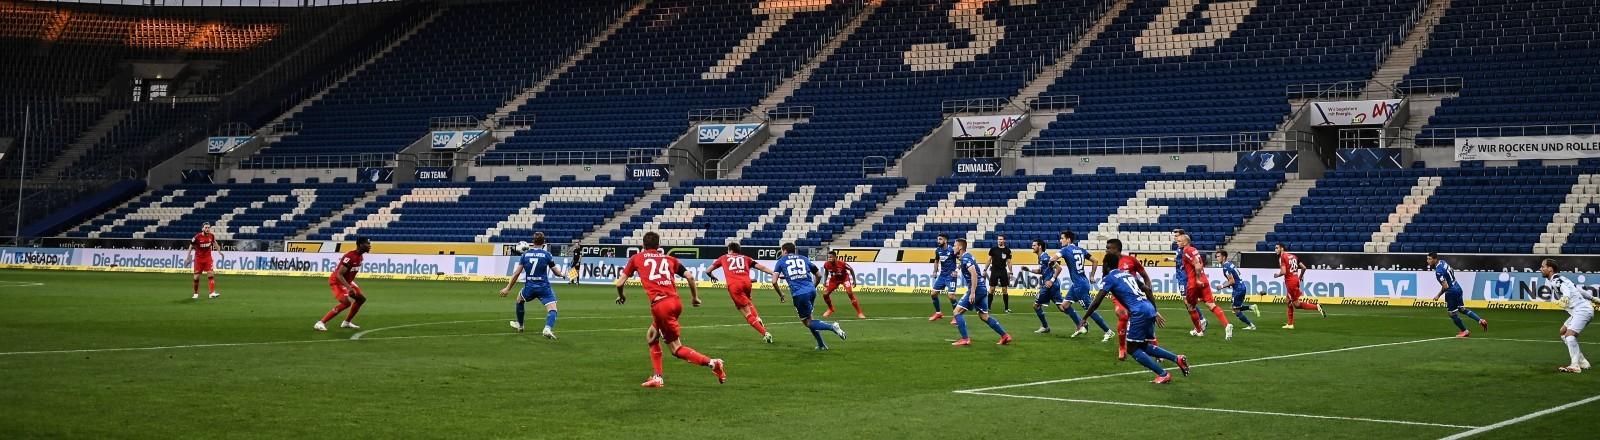 Ein Fußballstadion mit leerer Tribüne